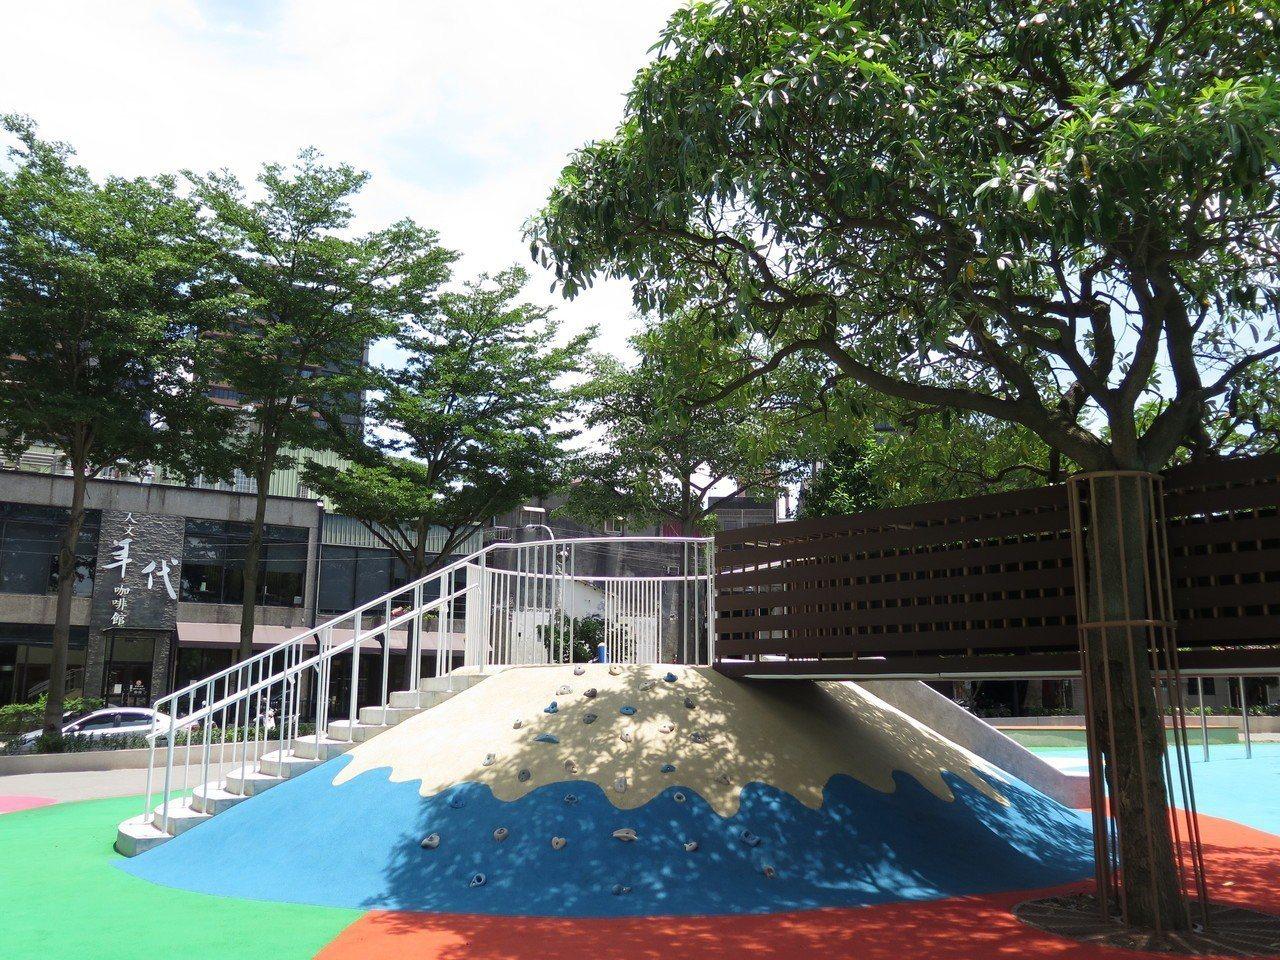 桃園區民族公園歷經多月翻新改建,公園內多了一座富士山造型的遊戲設施,可玩滑梯、攀...